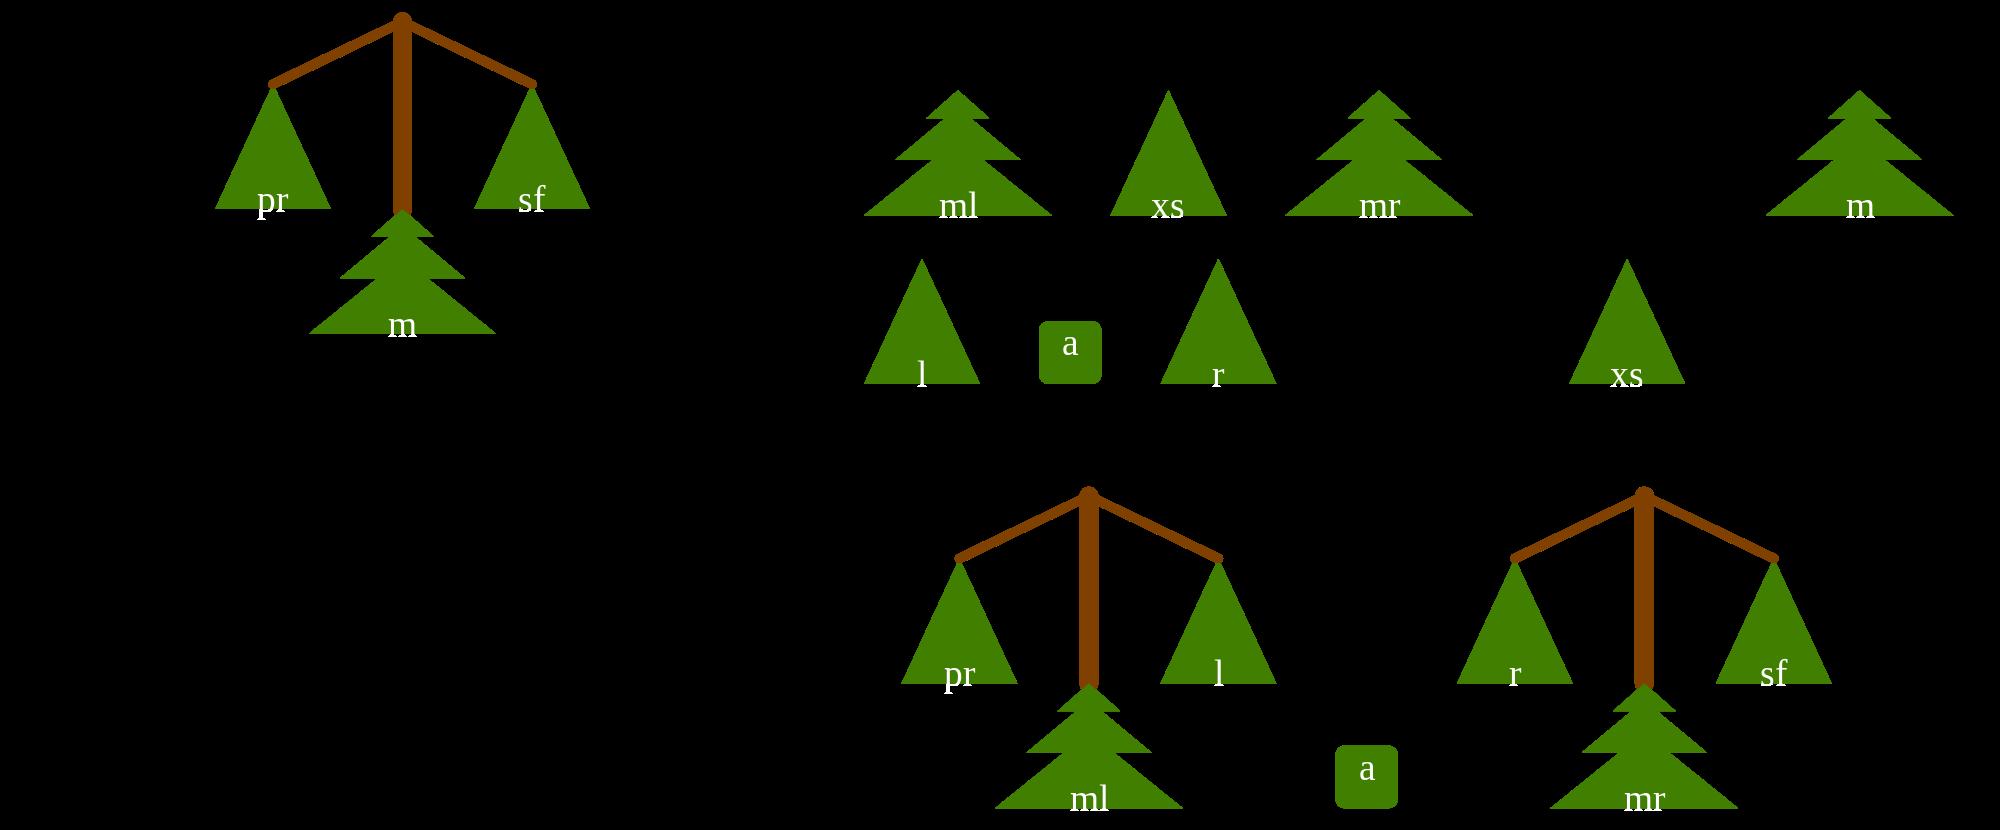 banner transparent download Trees svg middle. File finger tree split